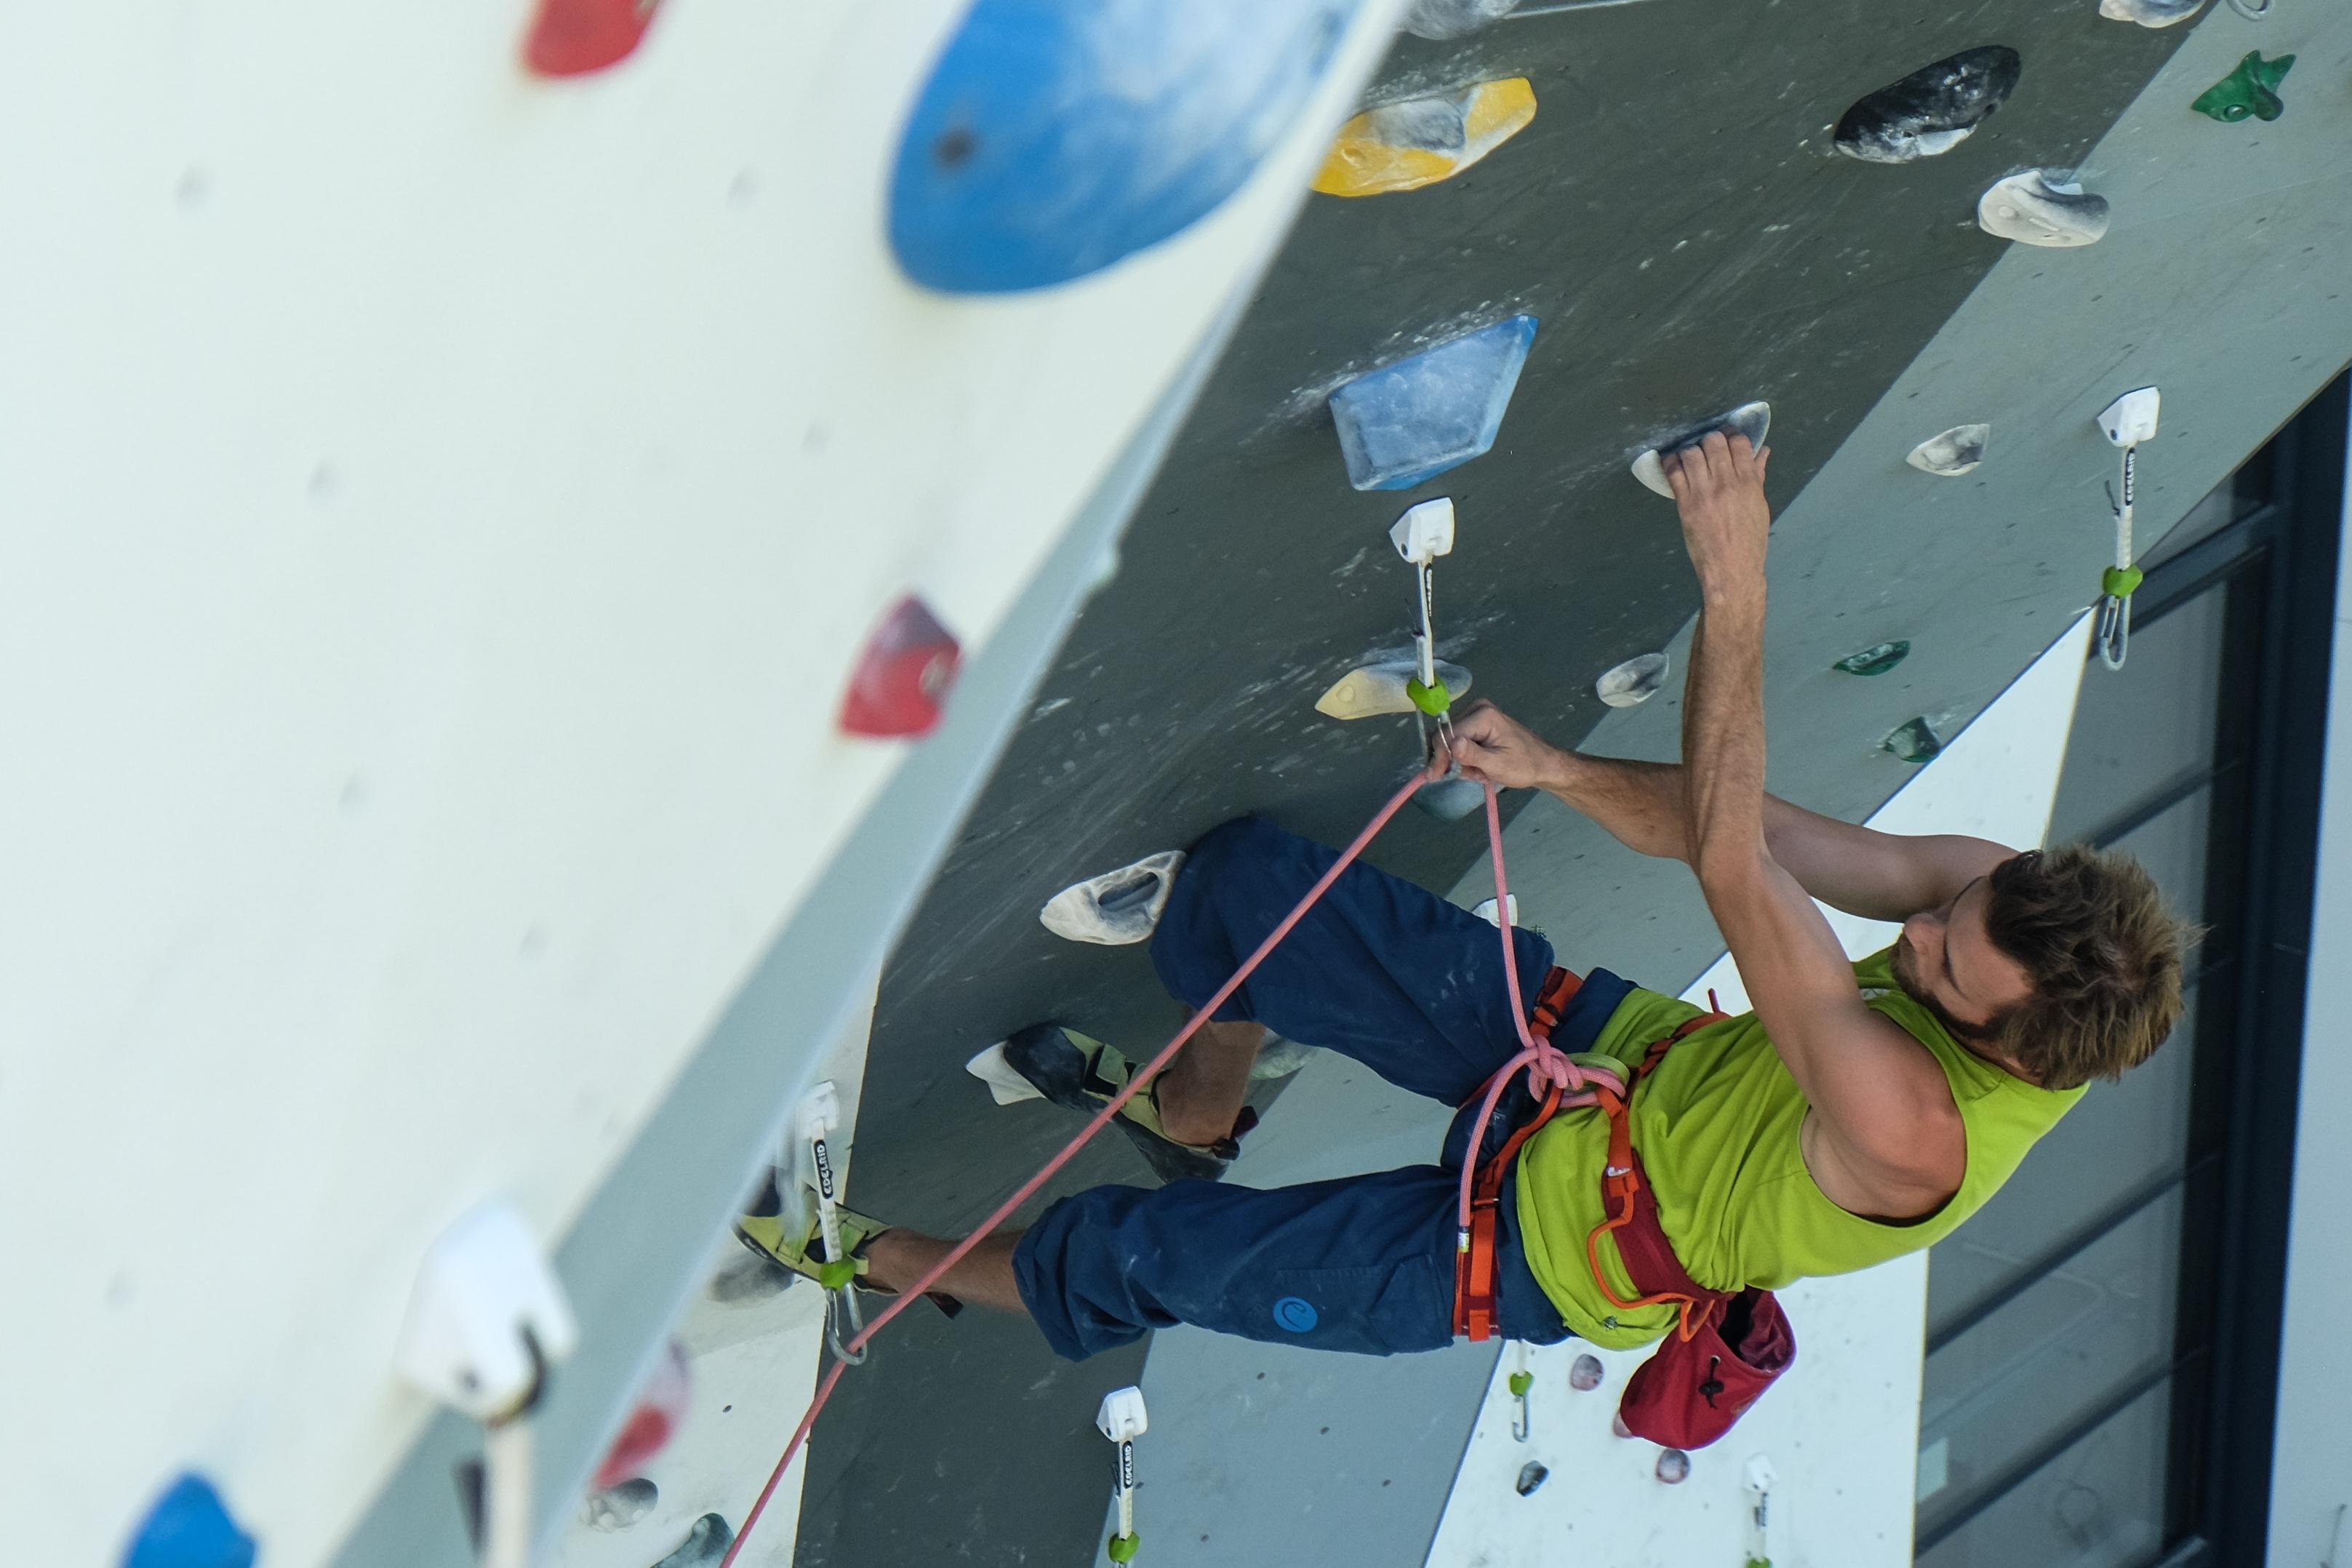 Kletterausrüstung In Berlin Kaufen : Klettern u traditionssport oder fitness trend einblicke in die